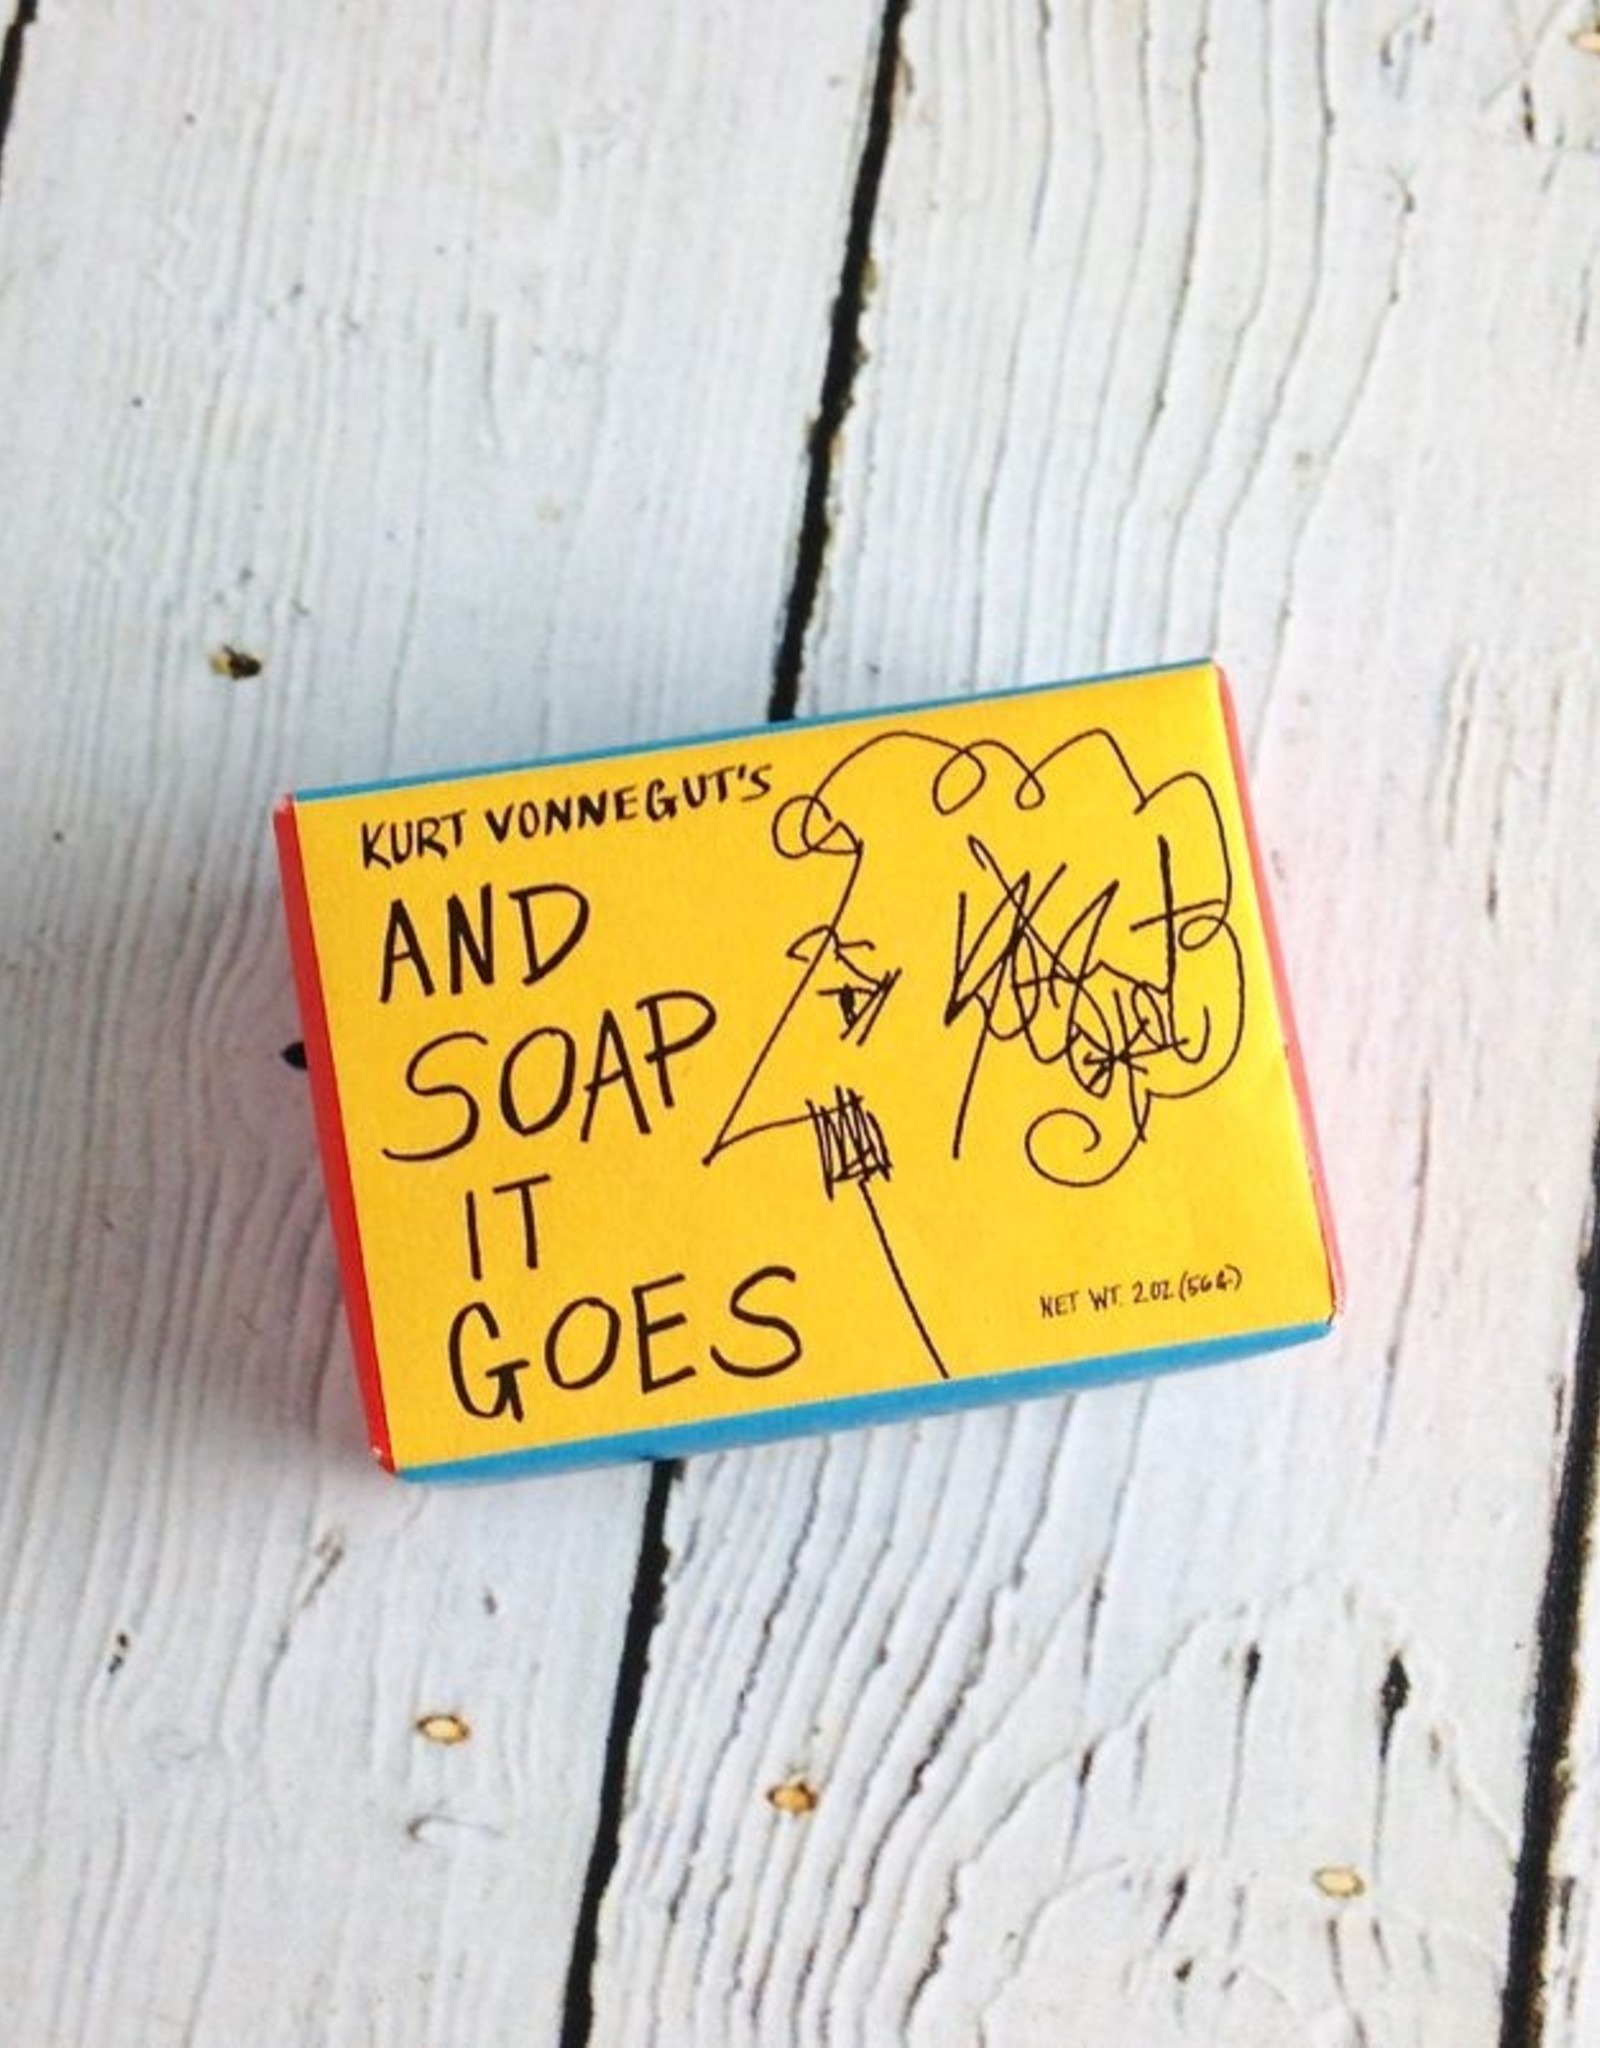 UNEMPLOYED Kurt Vonnegut's And Soap It Goes